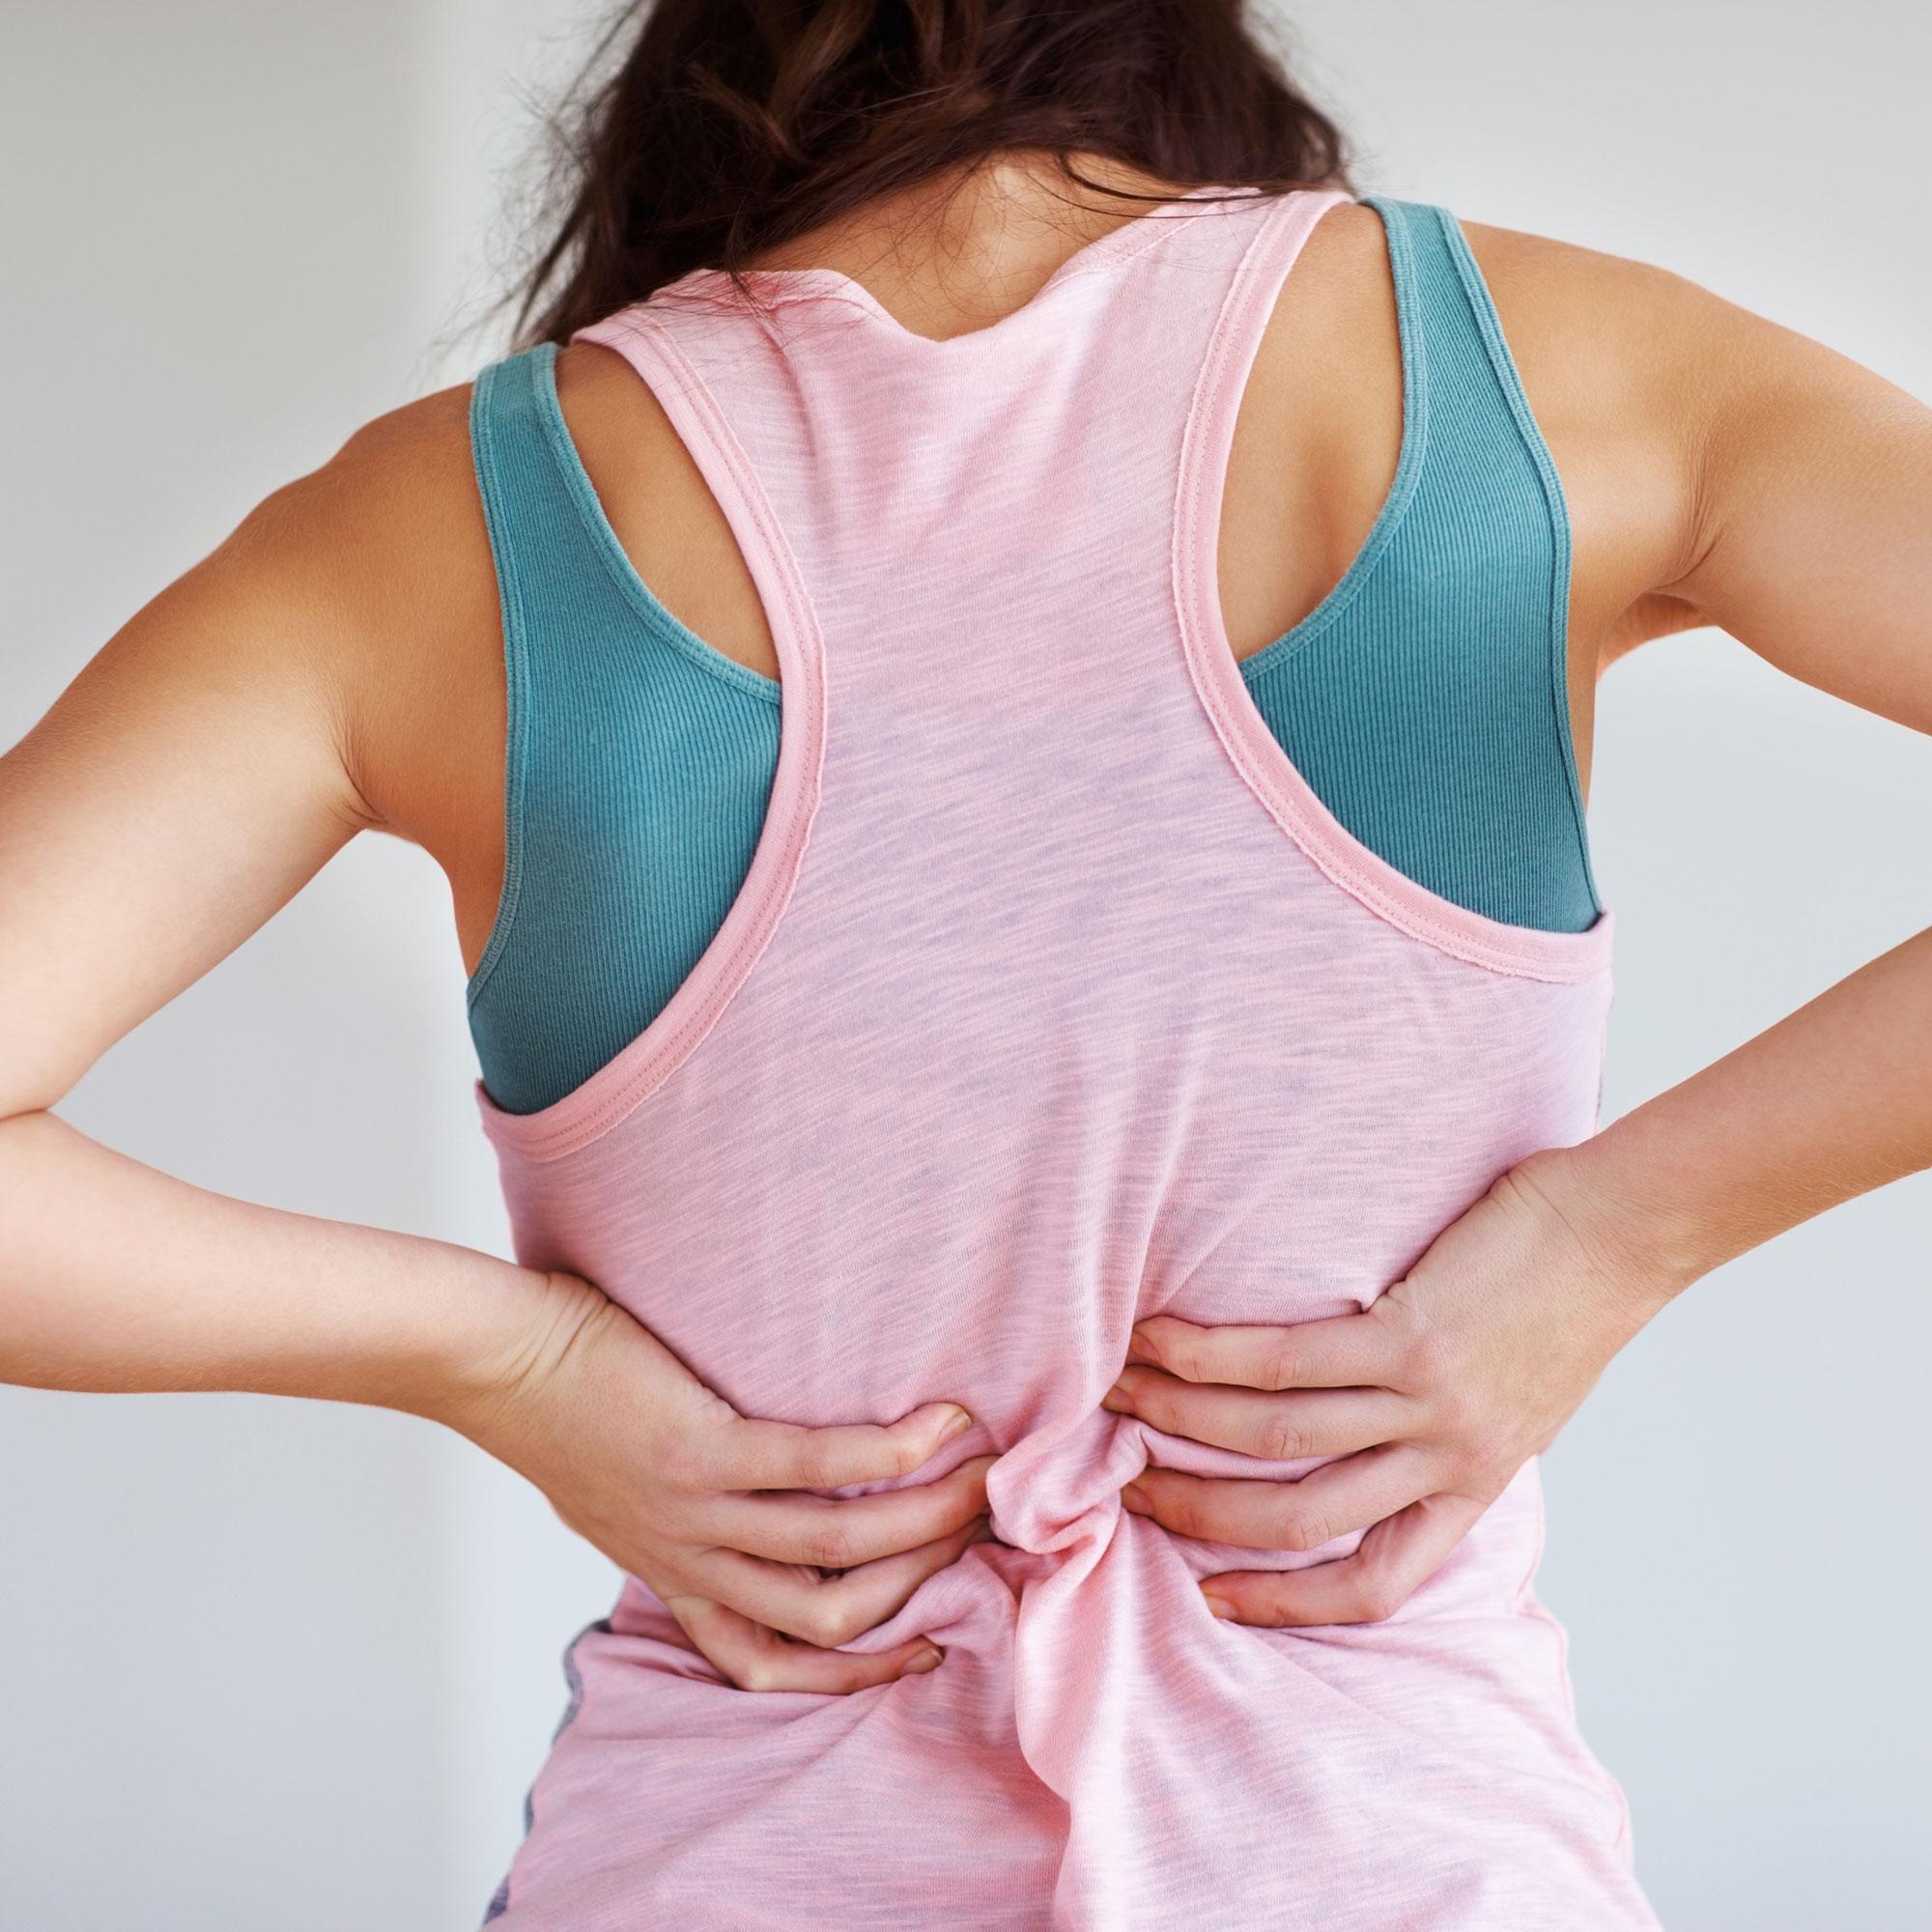 Ultralign Chiropractic